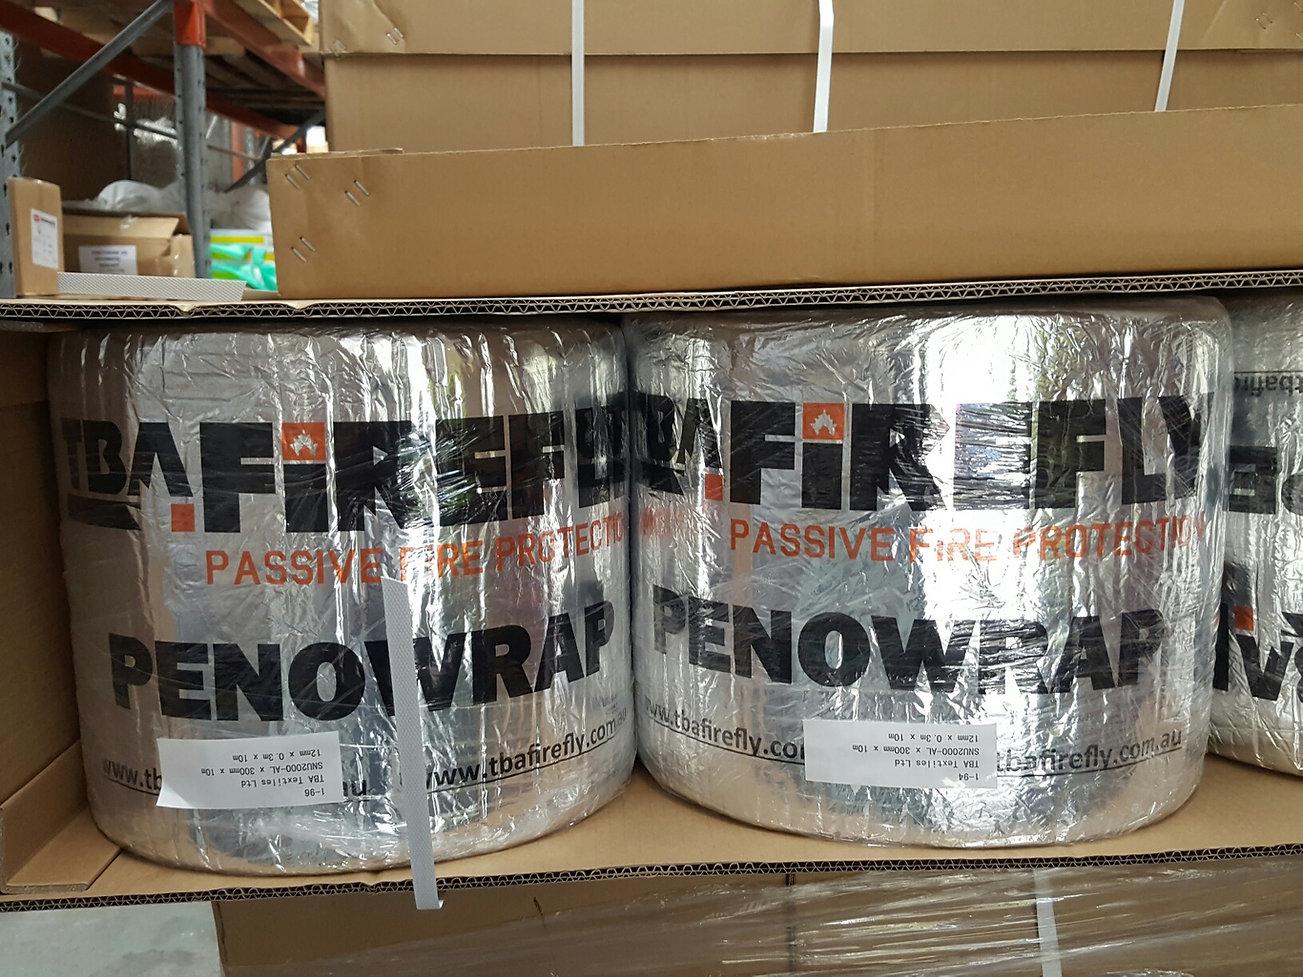 https://www.firecertify.com/| Newstead | Fire Protection Penowrap